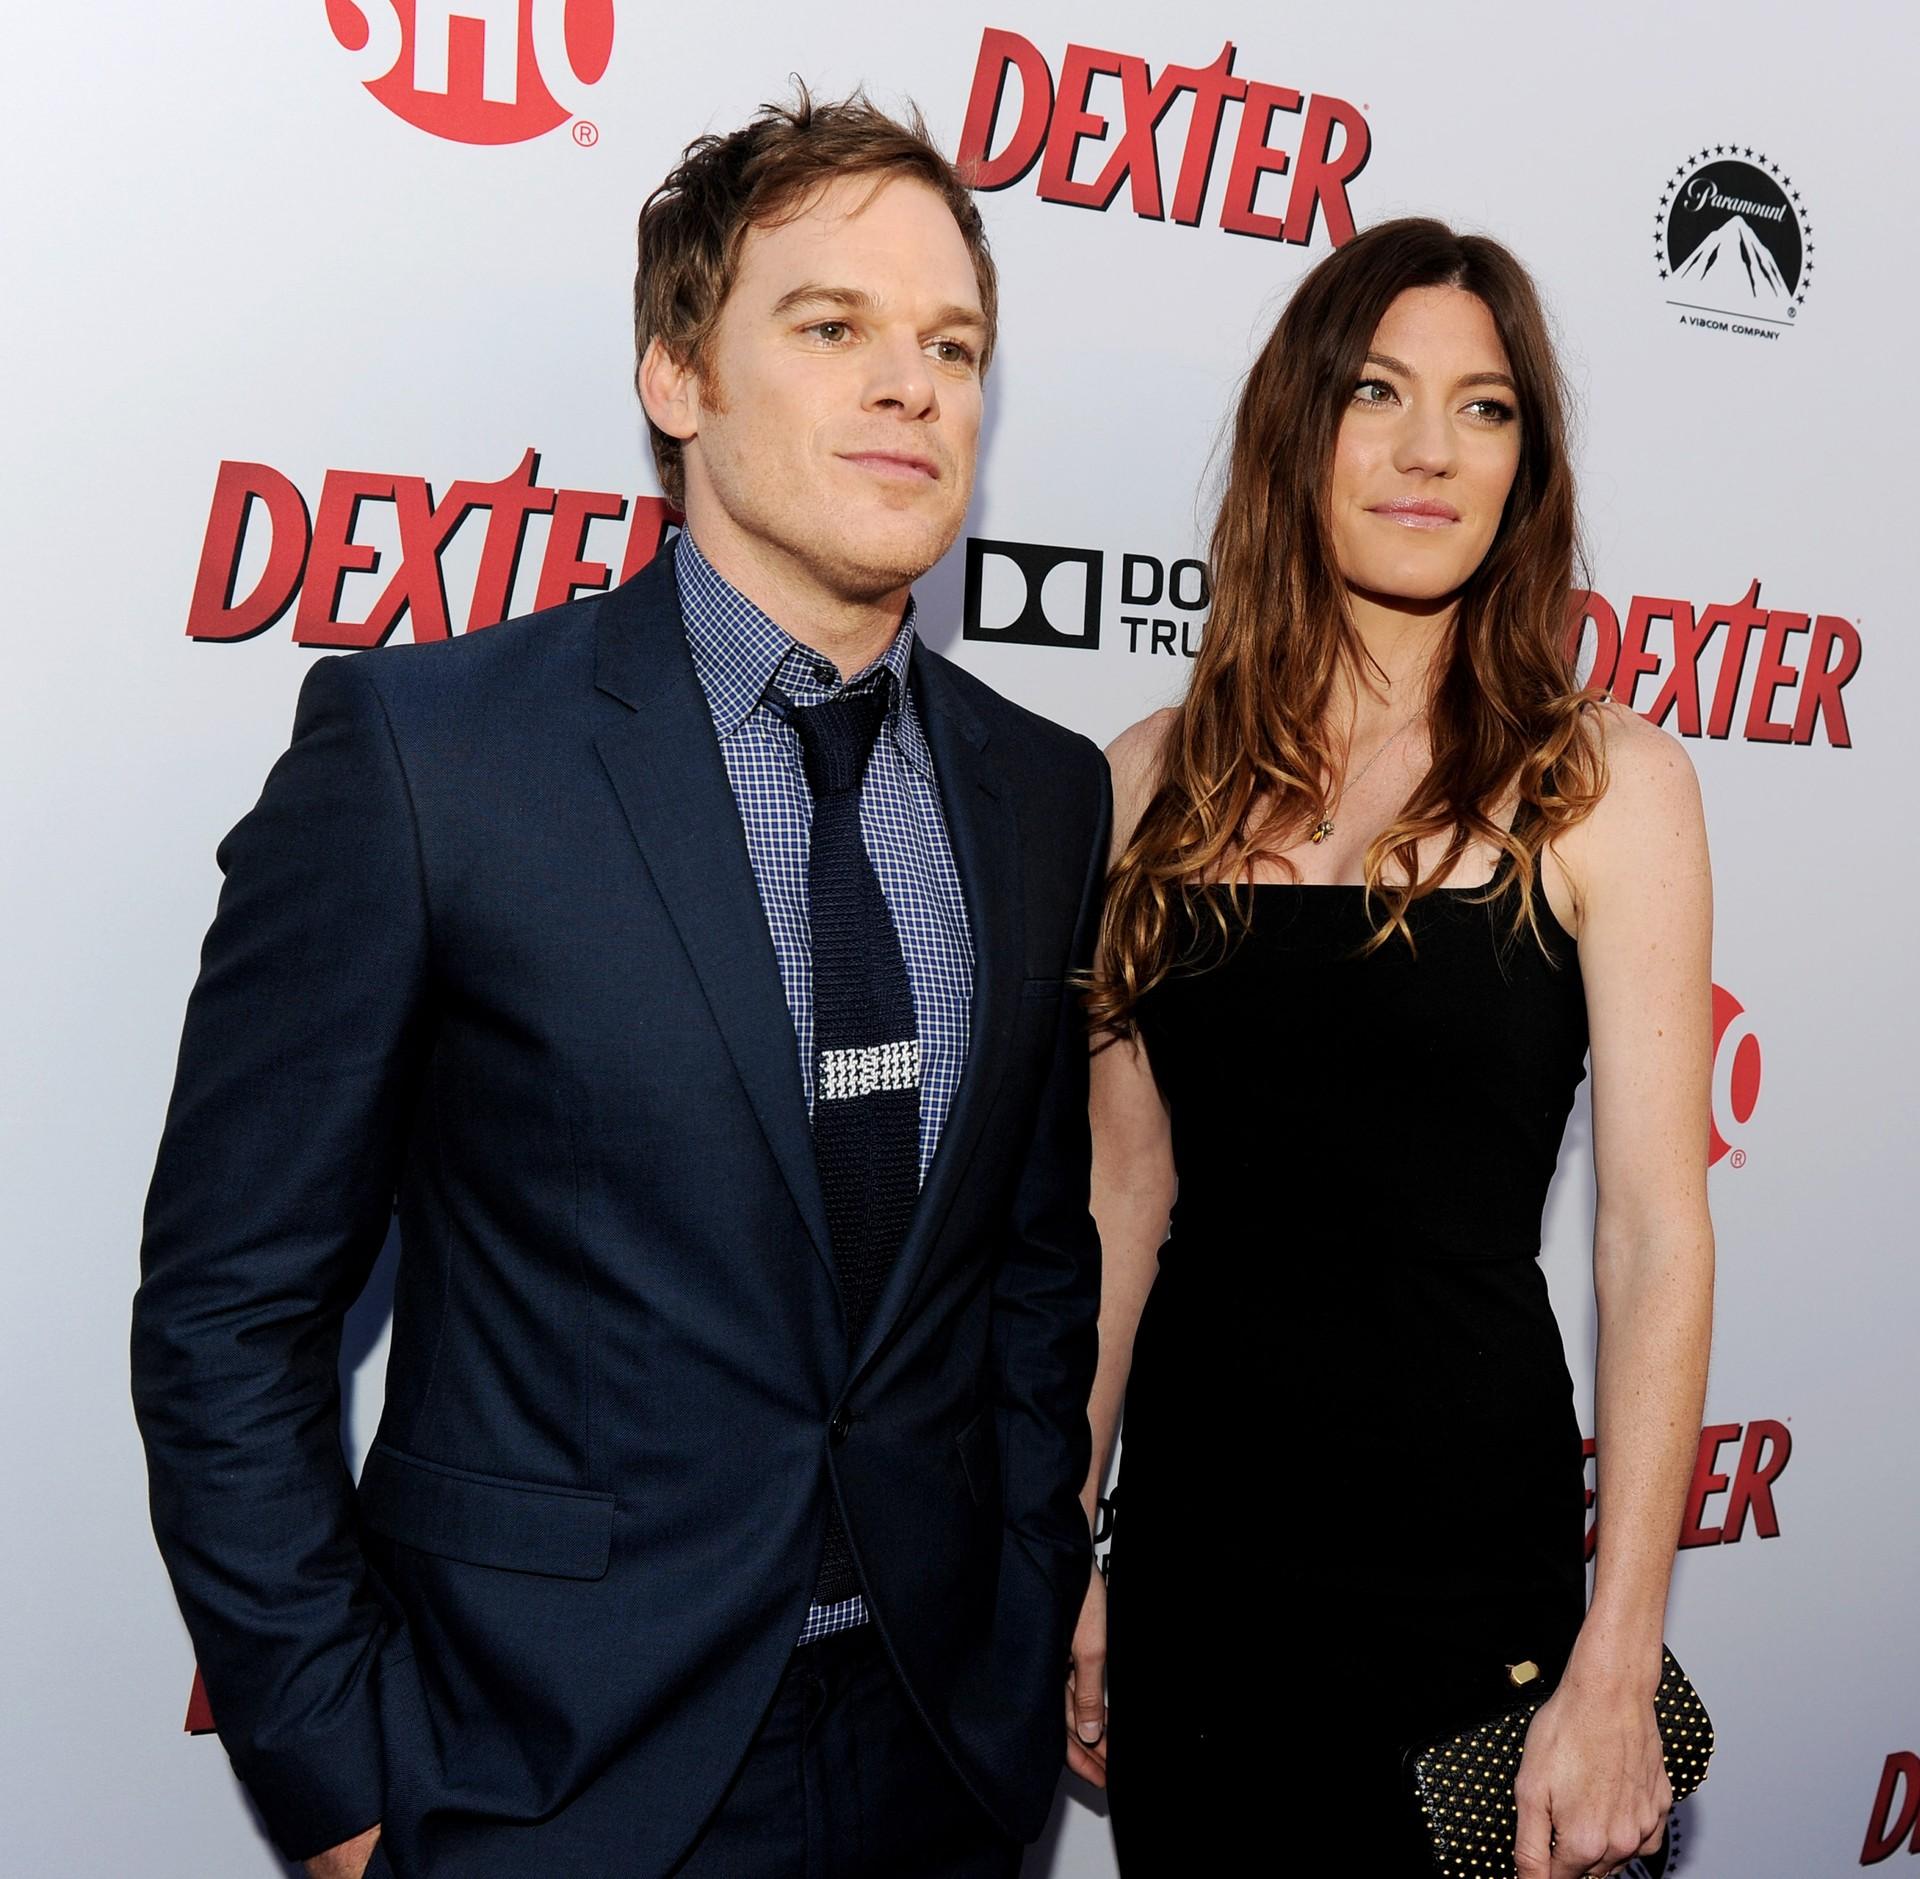 Os atores de 'Dexter' começaram a namorar enquanto trabalhavam juntos. A dupla se casou em 2008 e se divorciaram três anos depois em 2011. Porém, Carpenter e Hall continuaram em cena – pelo menos, não tiveram nenhum tipo de romance por causa do parentesco entre os personagens. (Foto: Getty Images)